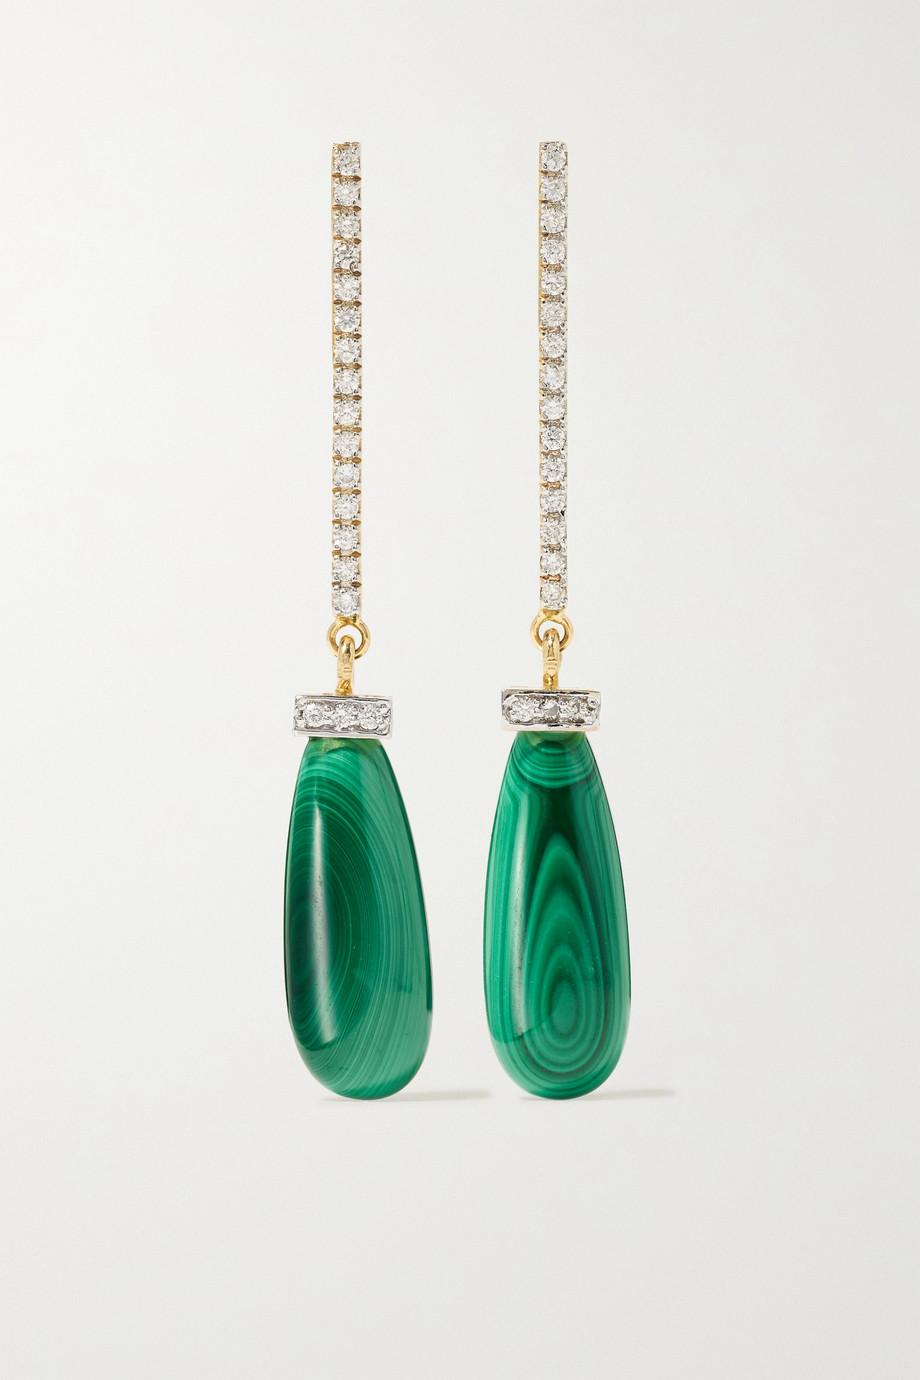 Mateo 14-karat gold, malachite and diamond earrings